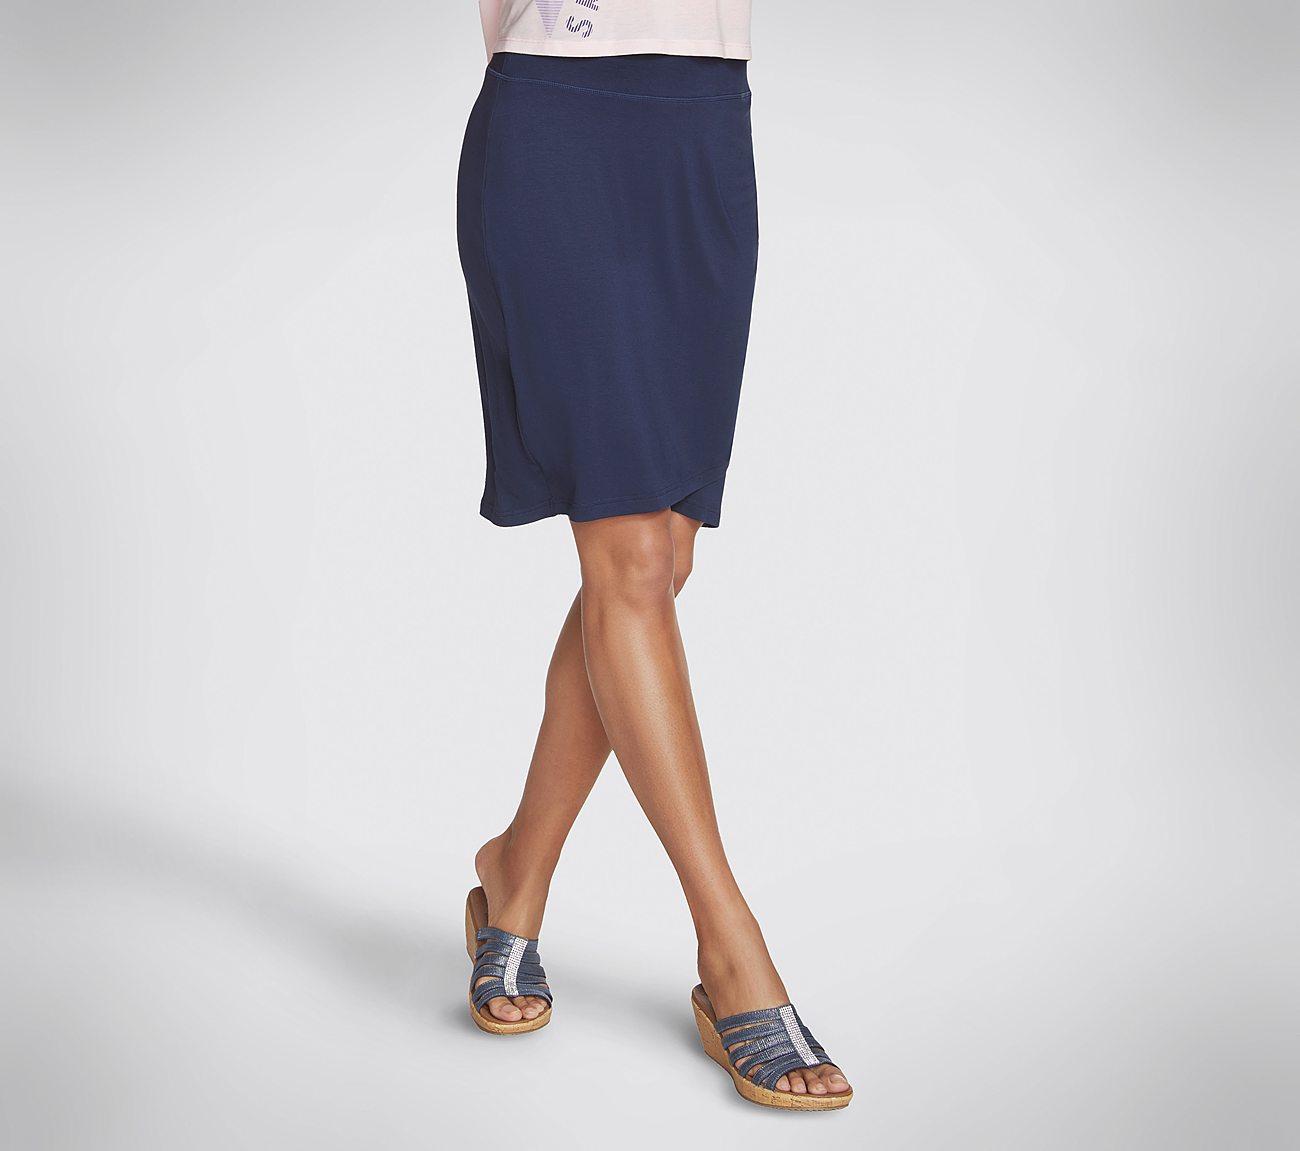 Skechers Apparel Paradise Skirt